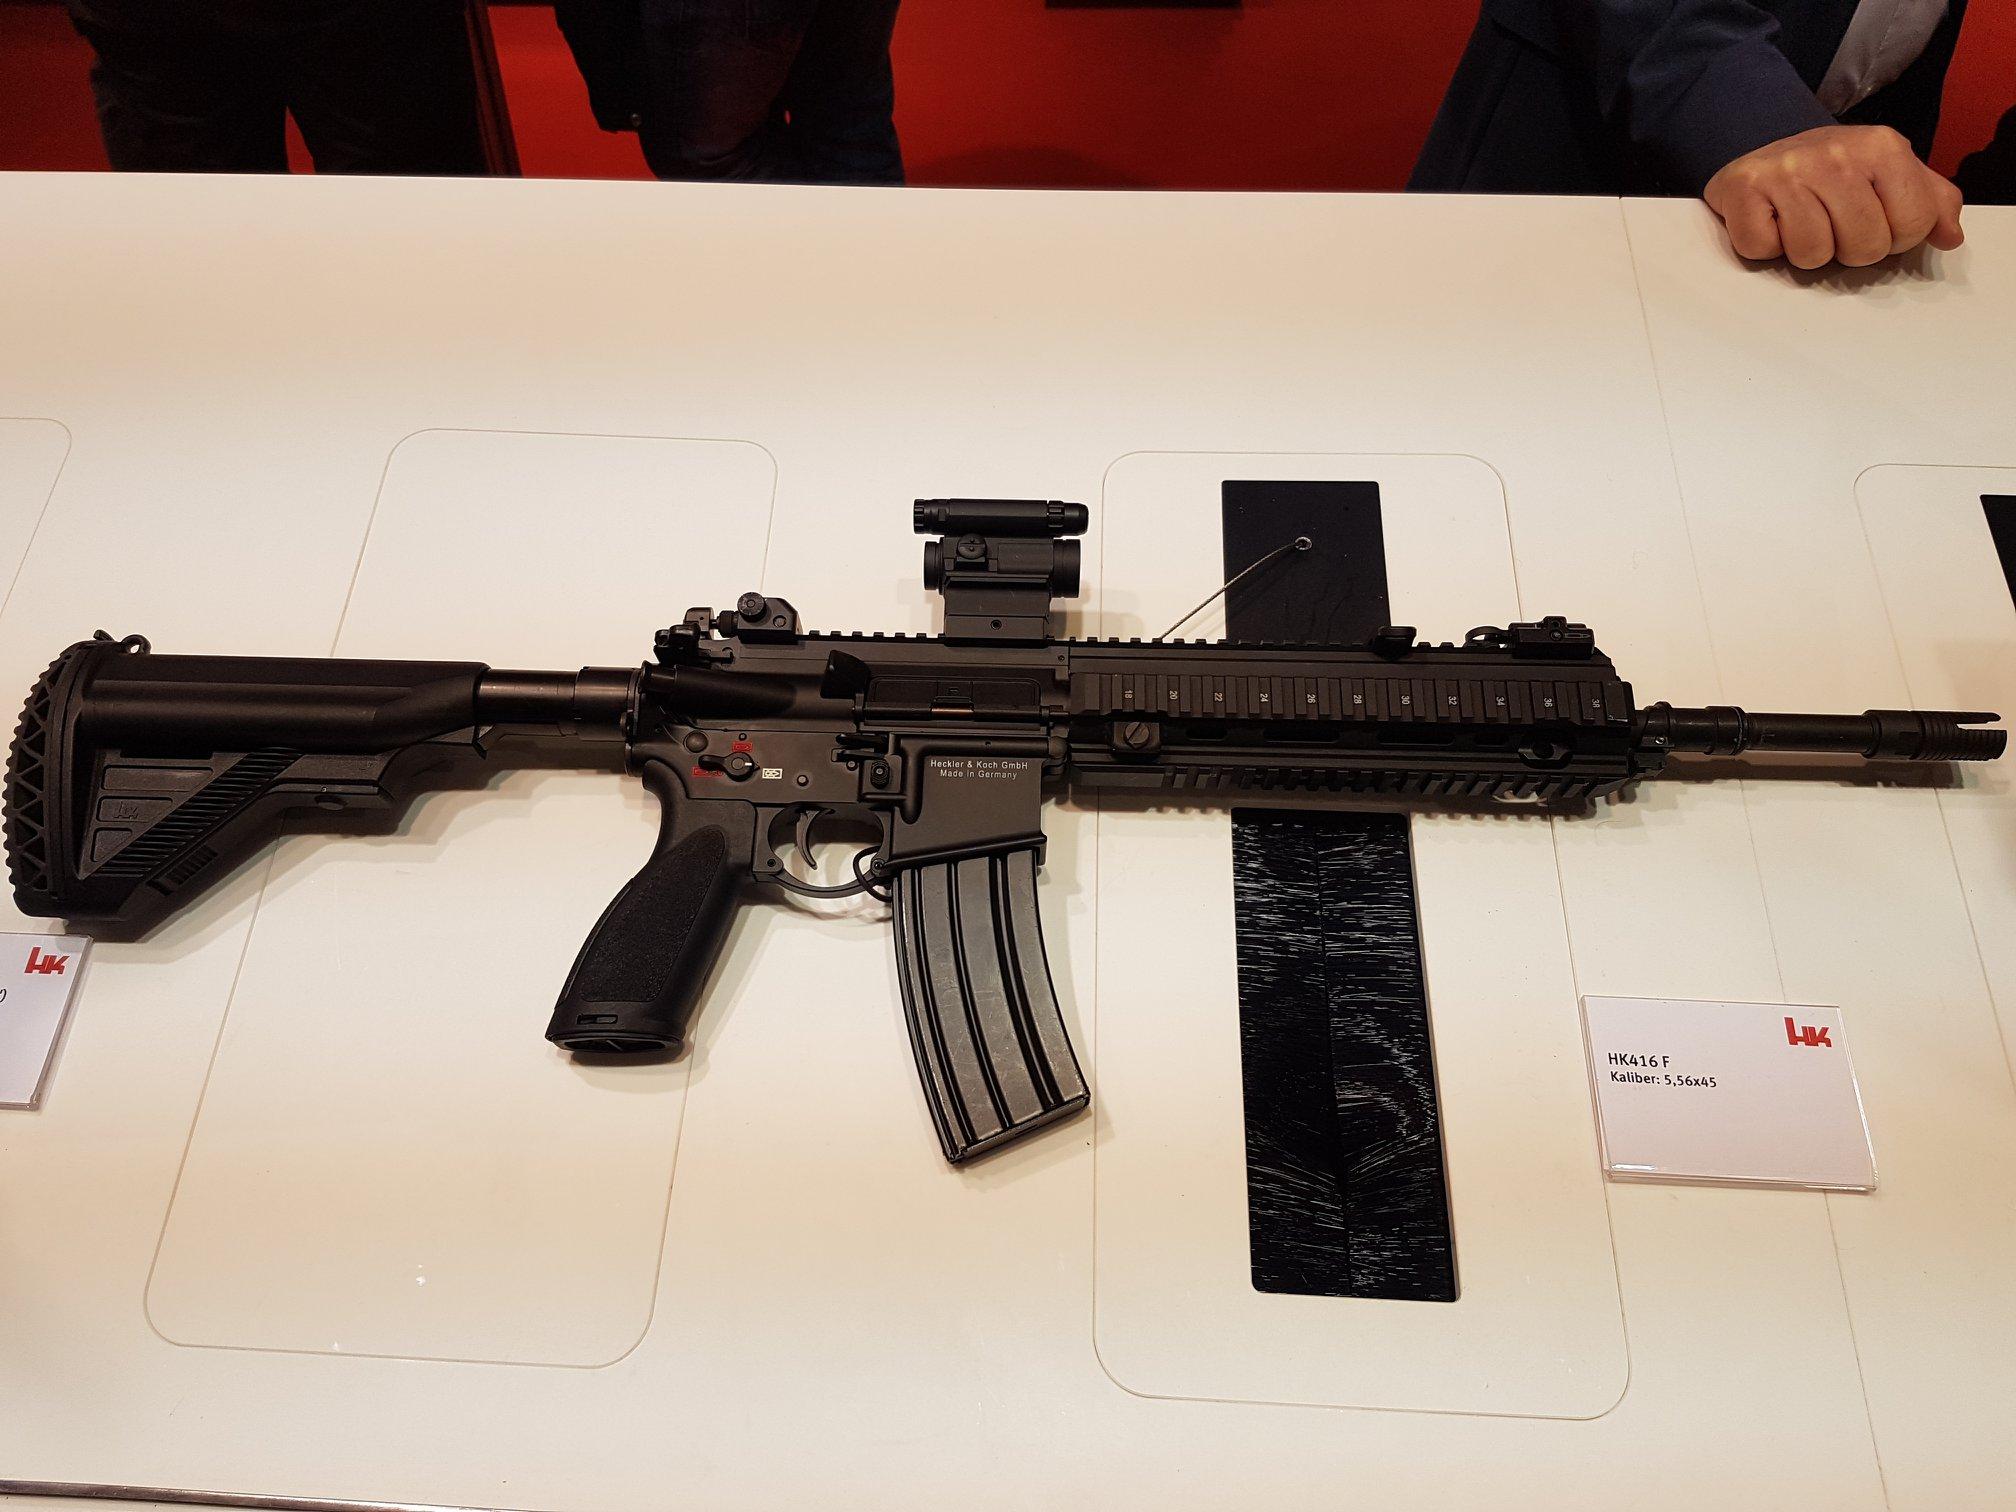 90'000 HK416A5 for France-65521554_1094300217427060_6881329565801644032_o.jpg